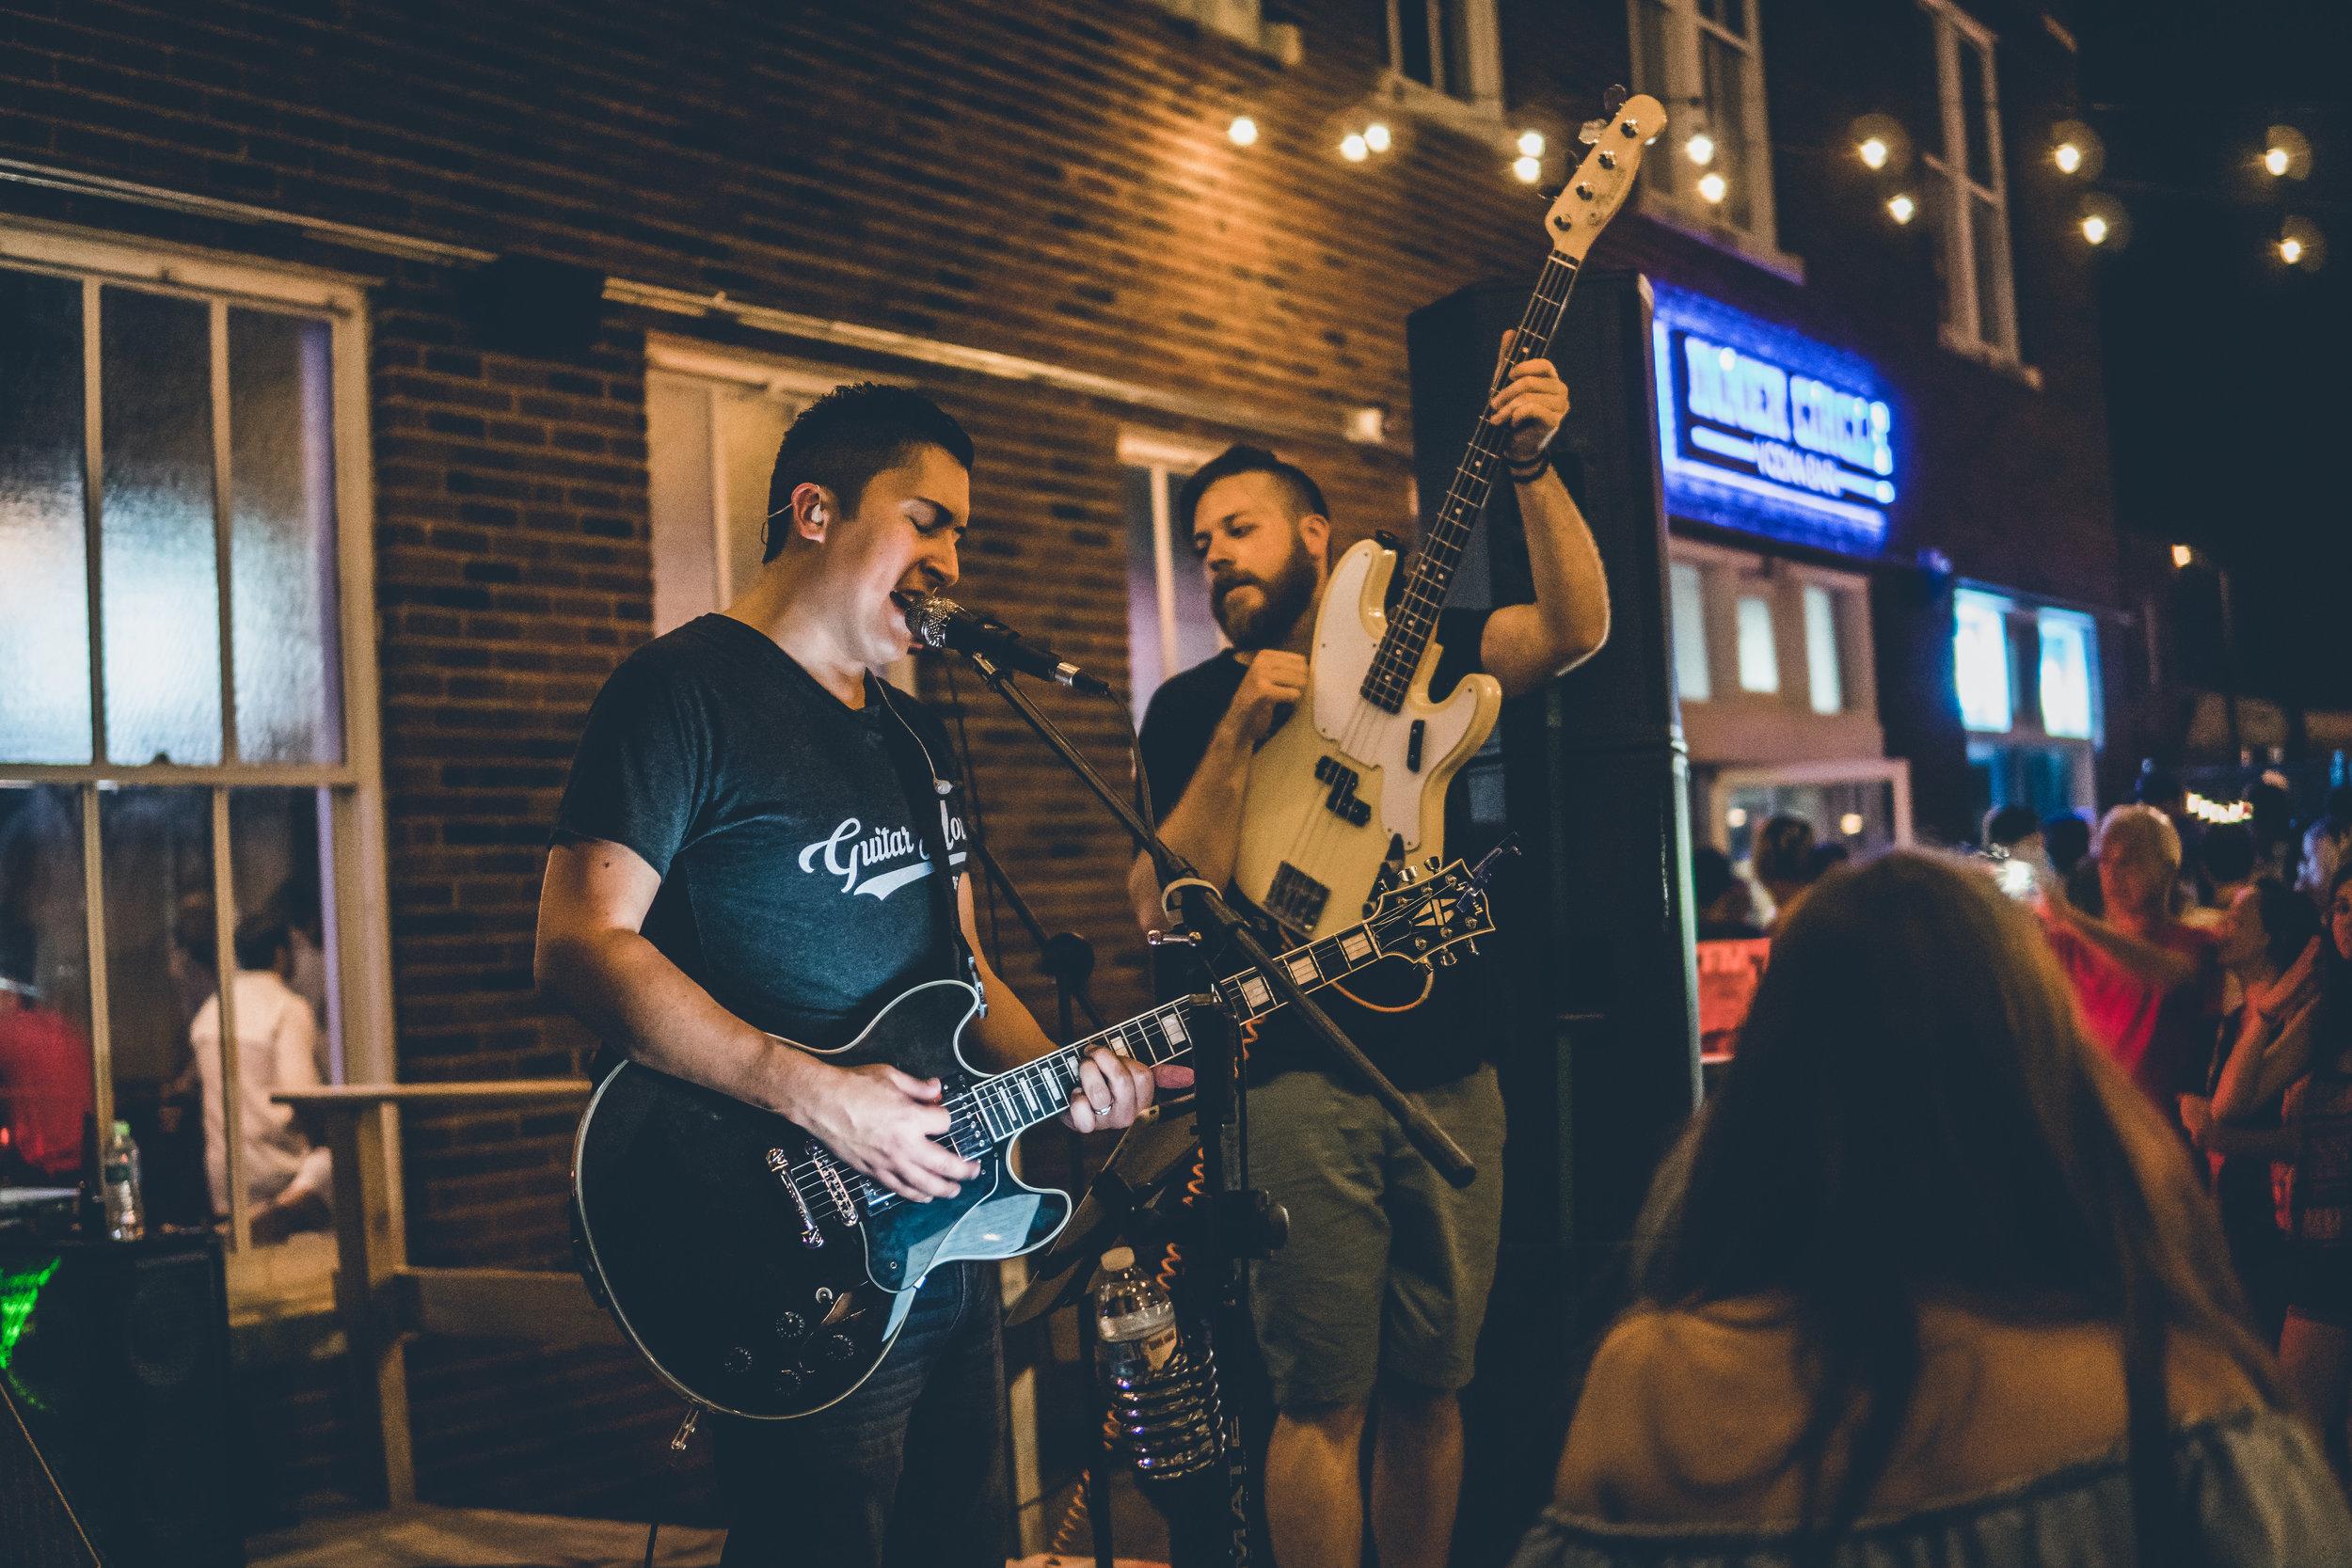 FM Pilots - Tulsa Rock Band - at Inner Circle Vodka Bar 072916-7.jpg